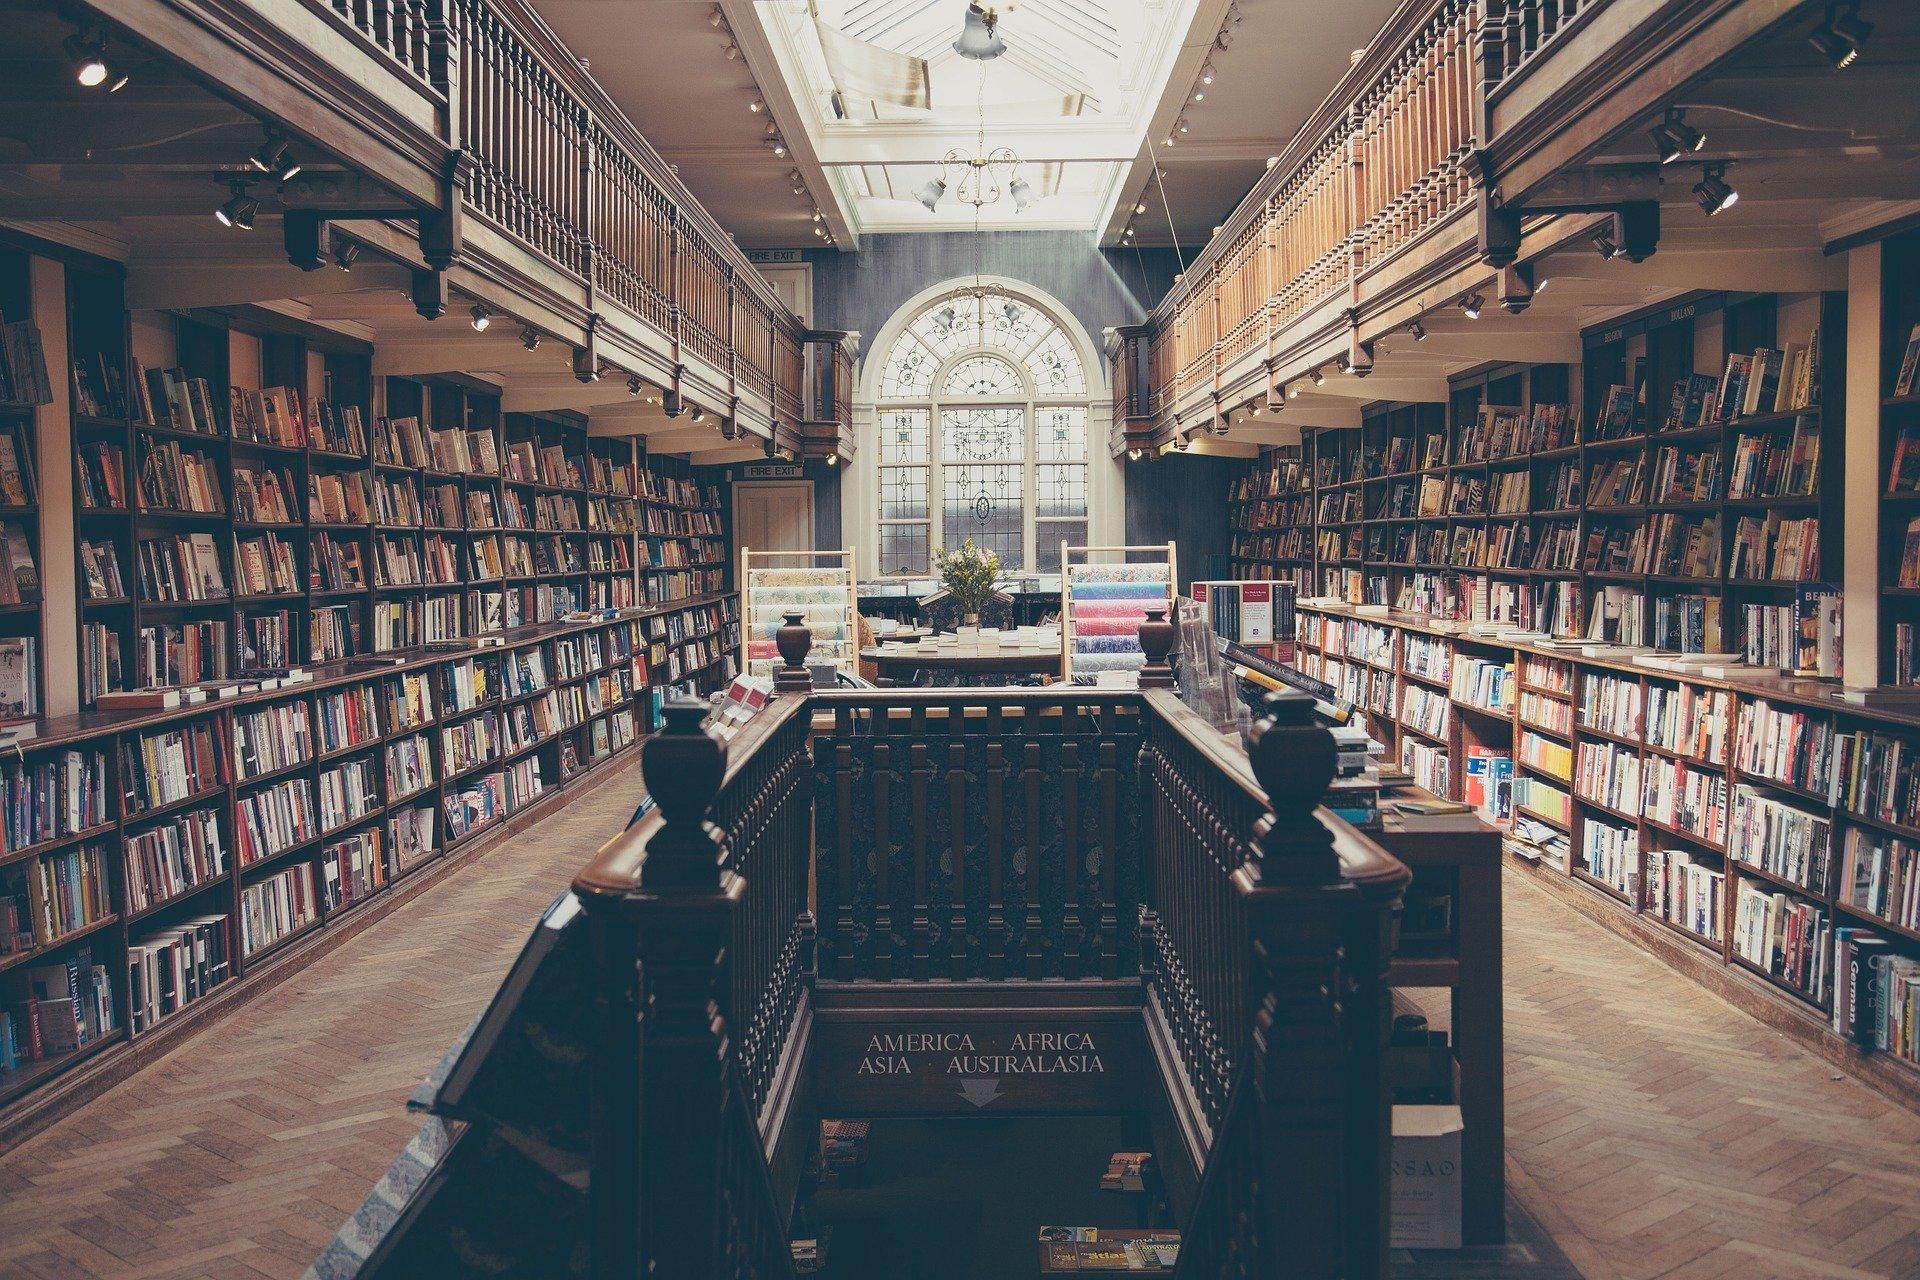 「世界」を読む no.5<br>〜スパイ小説の大家ジョン・ル・カレ逝く、世界を題材に挑んだ89年の生涯